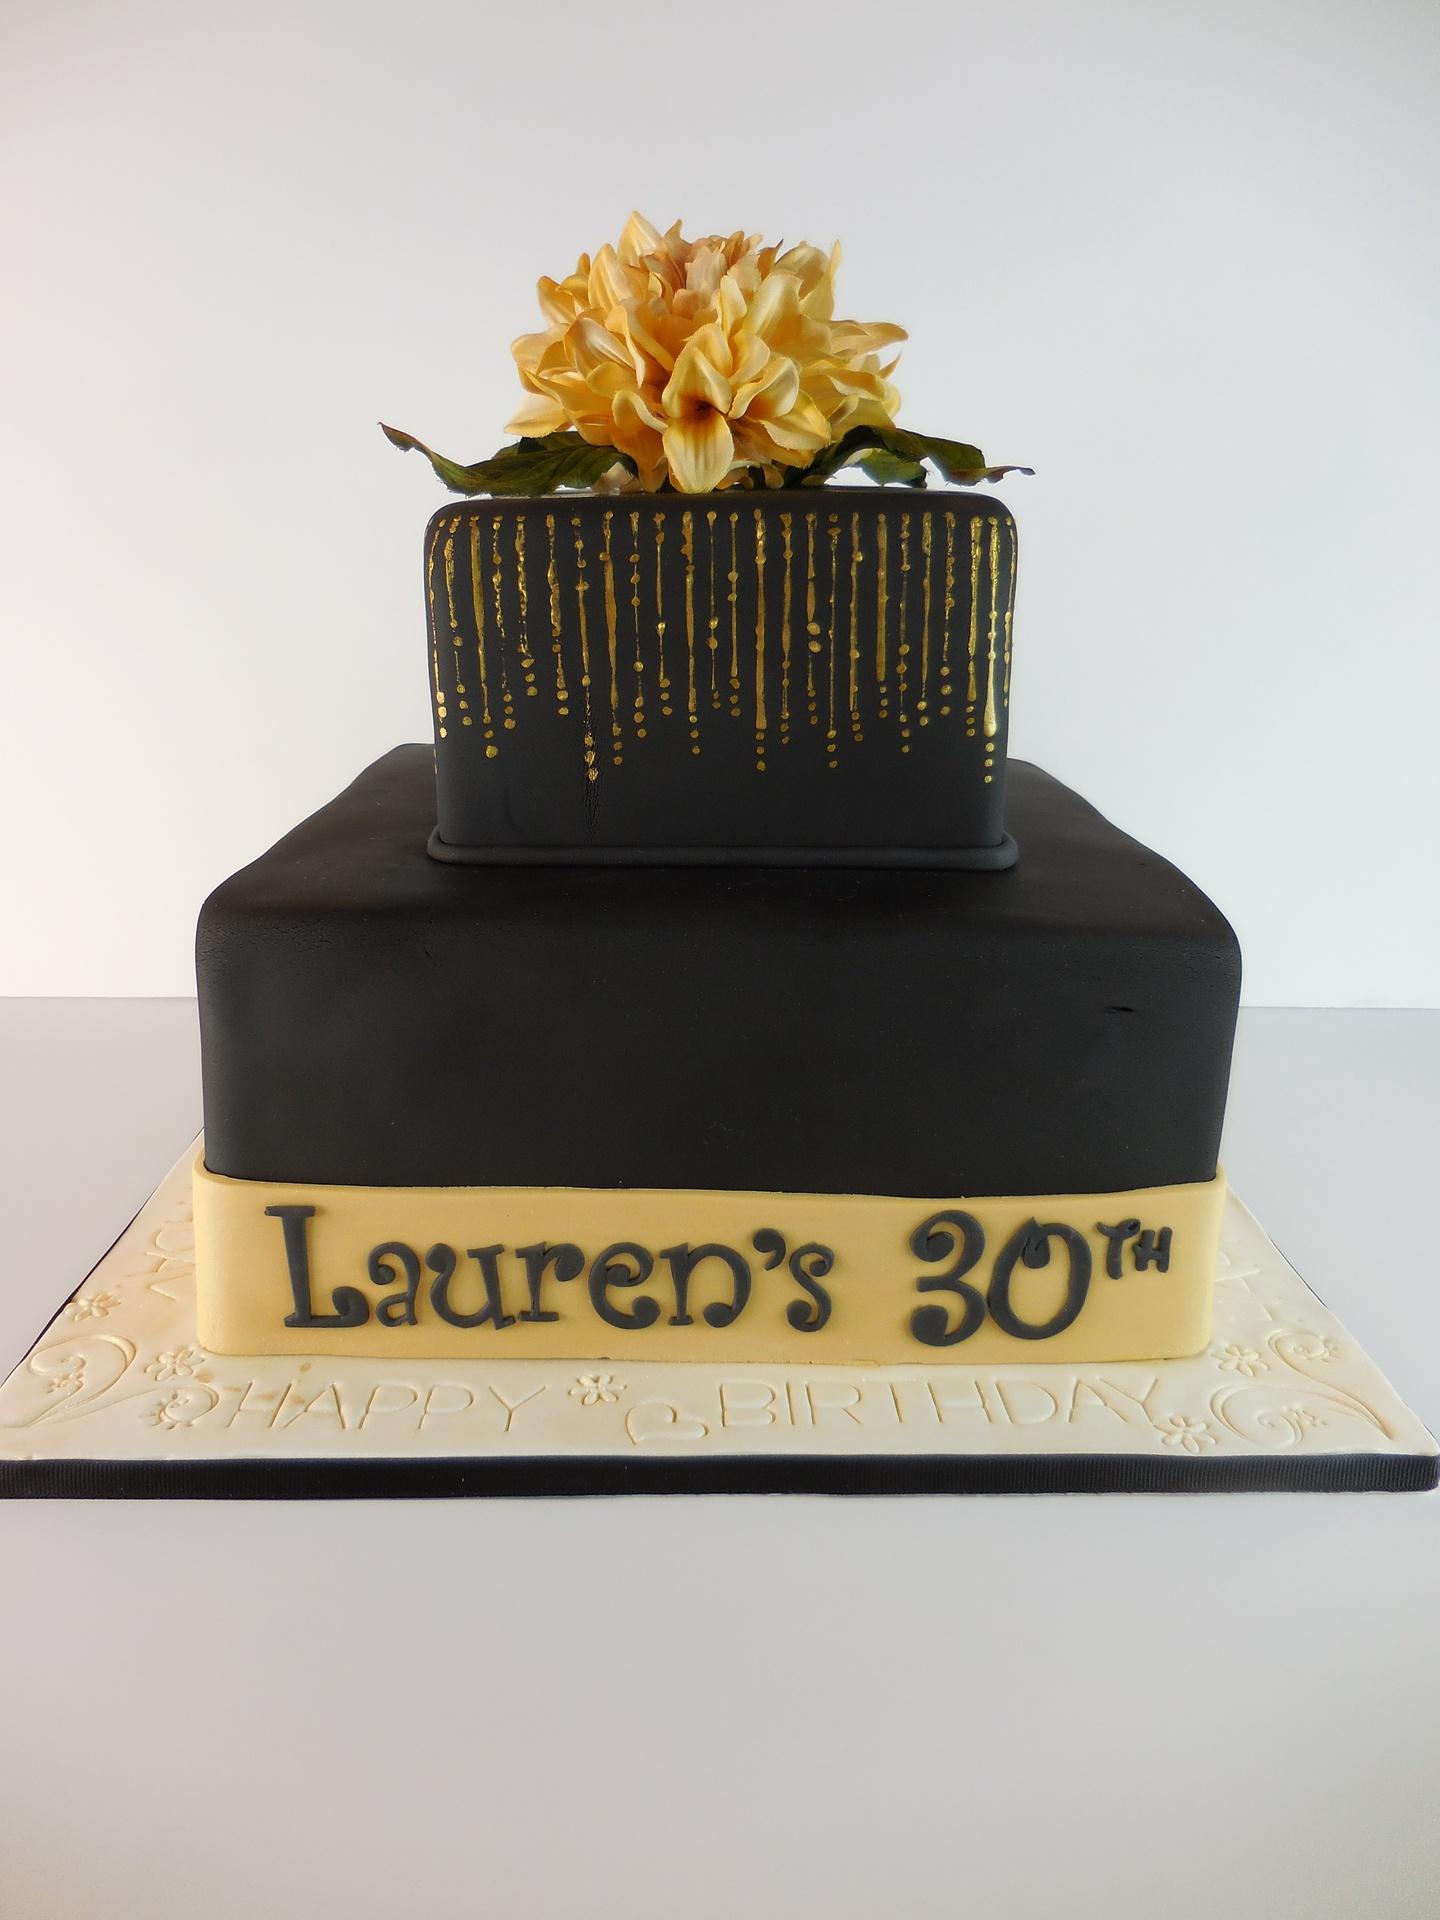 Lauren's 'Roaring Twenties' 30th Birthday